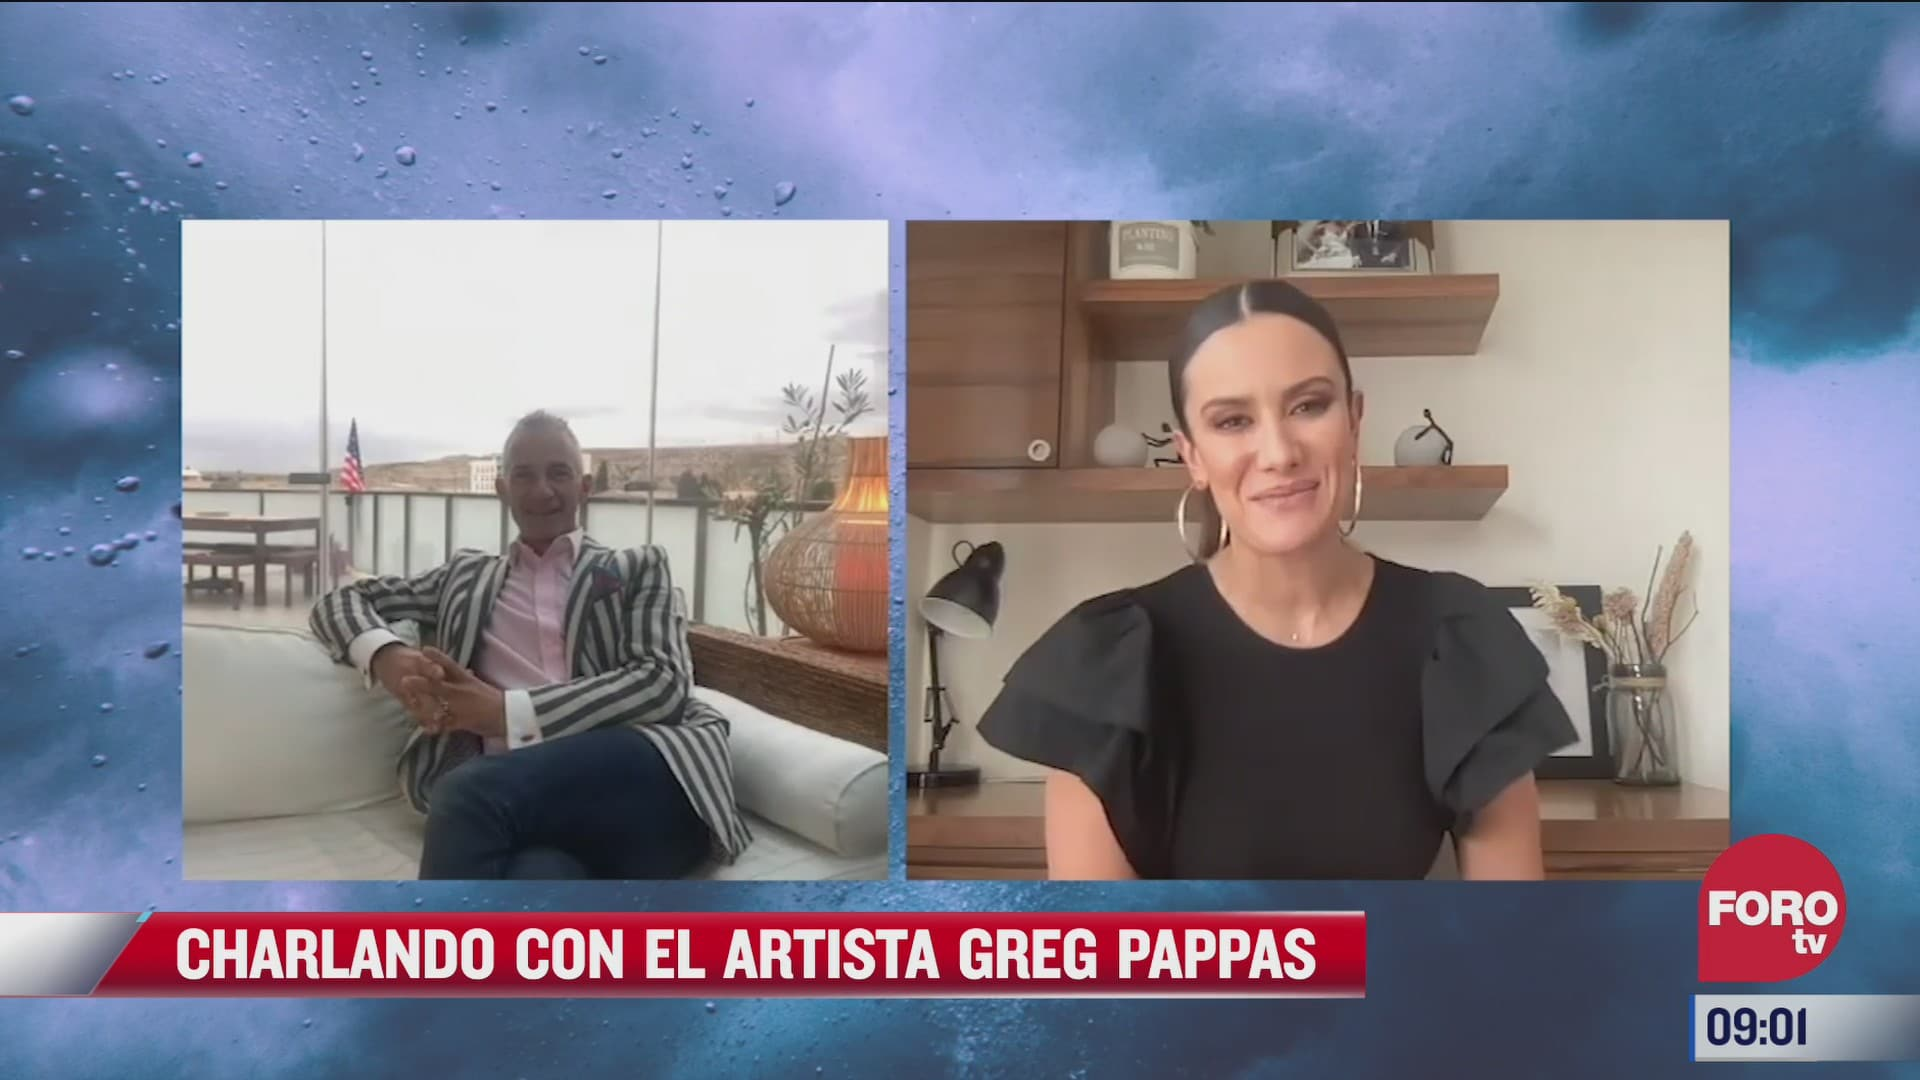 charlando con el artista greg pappas